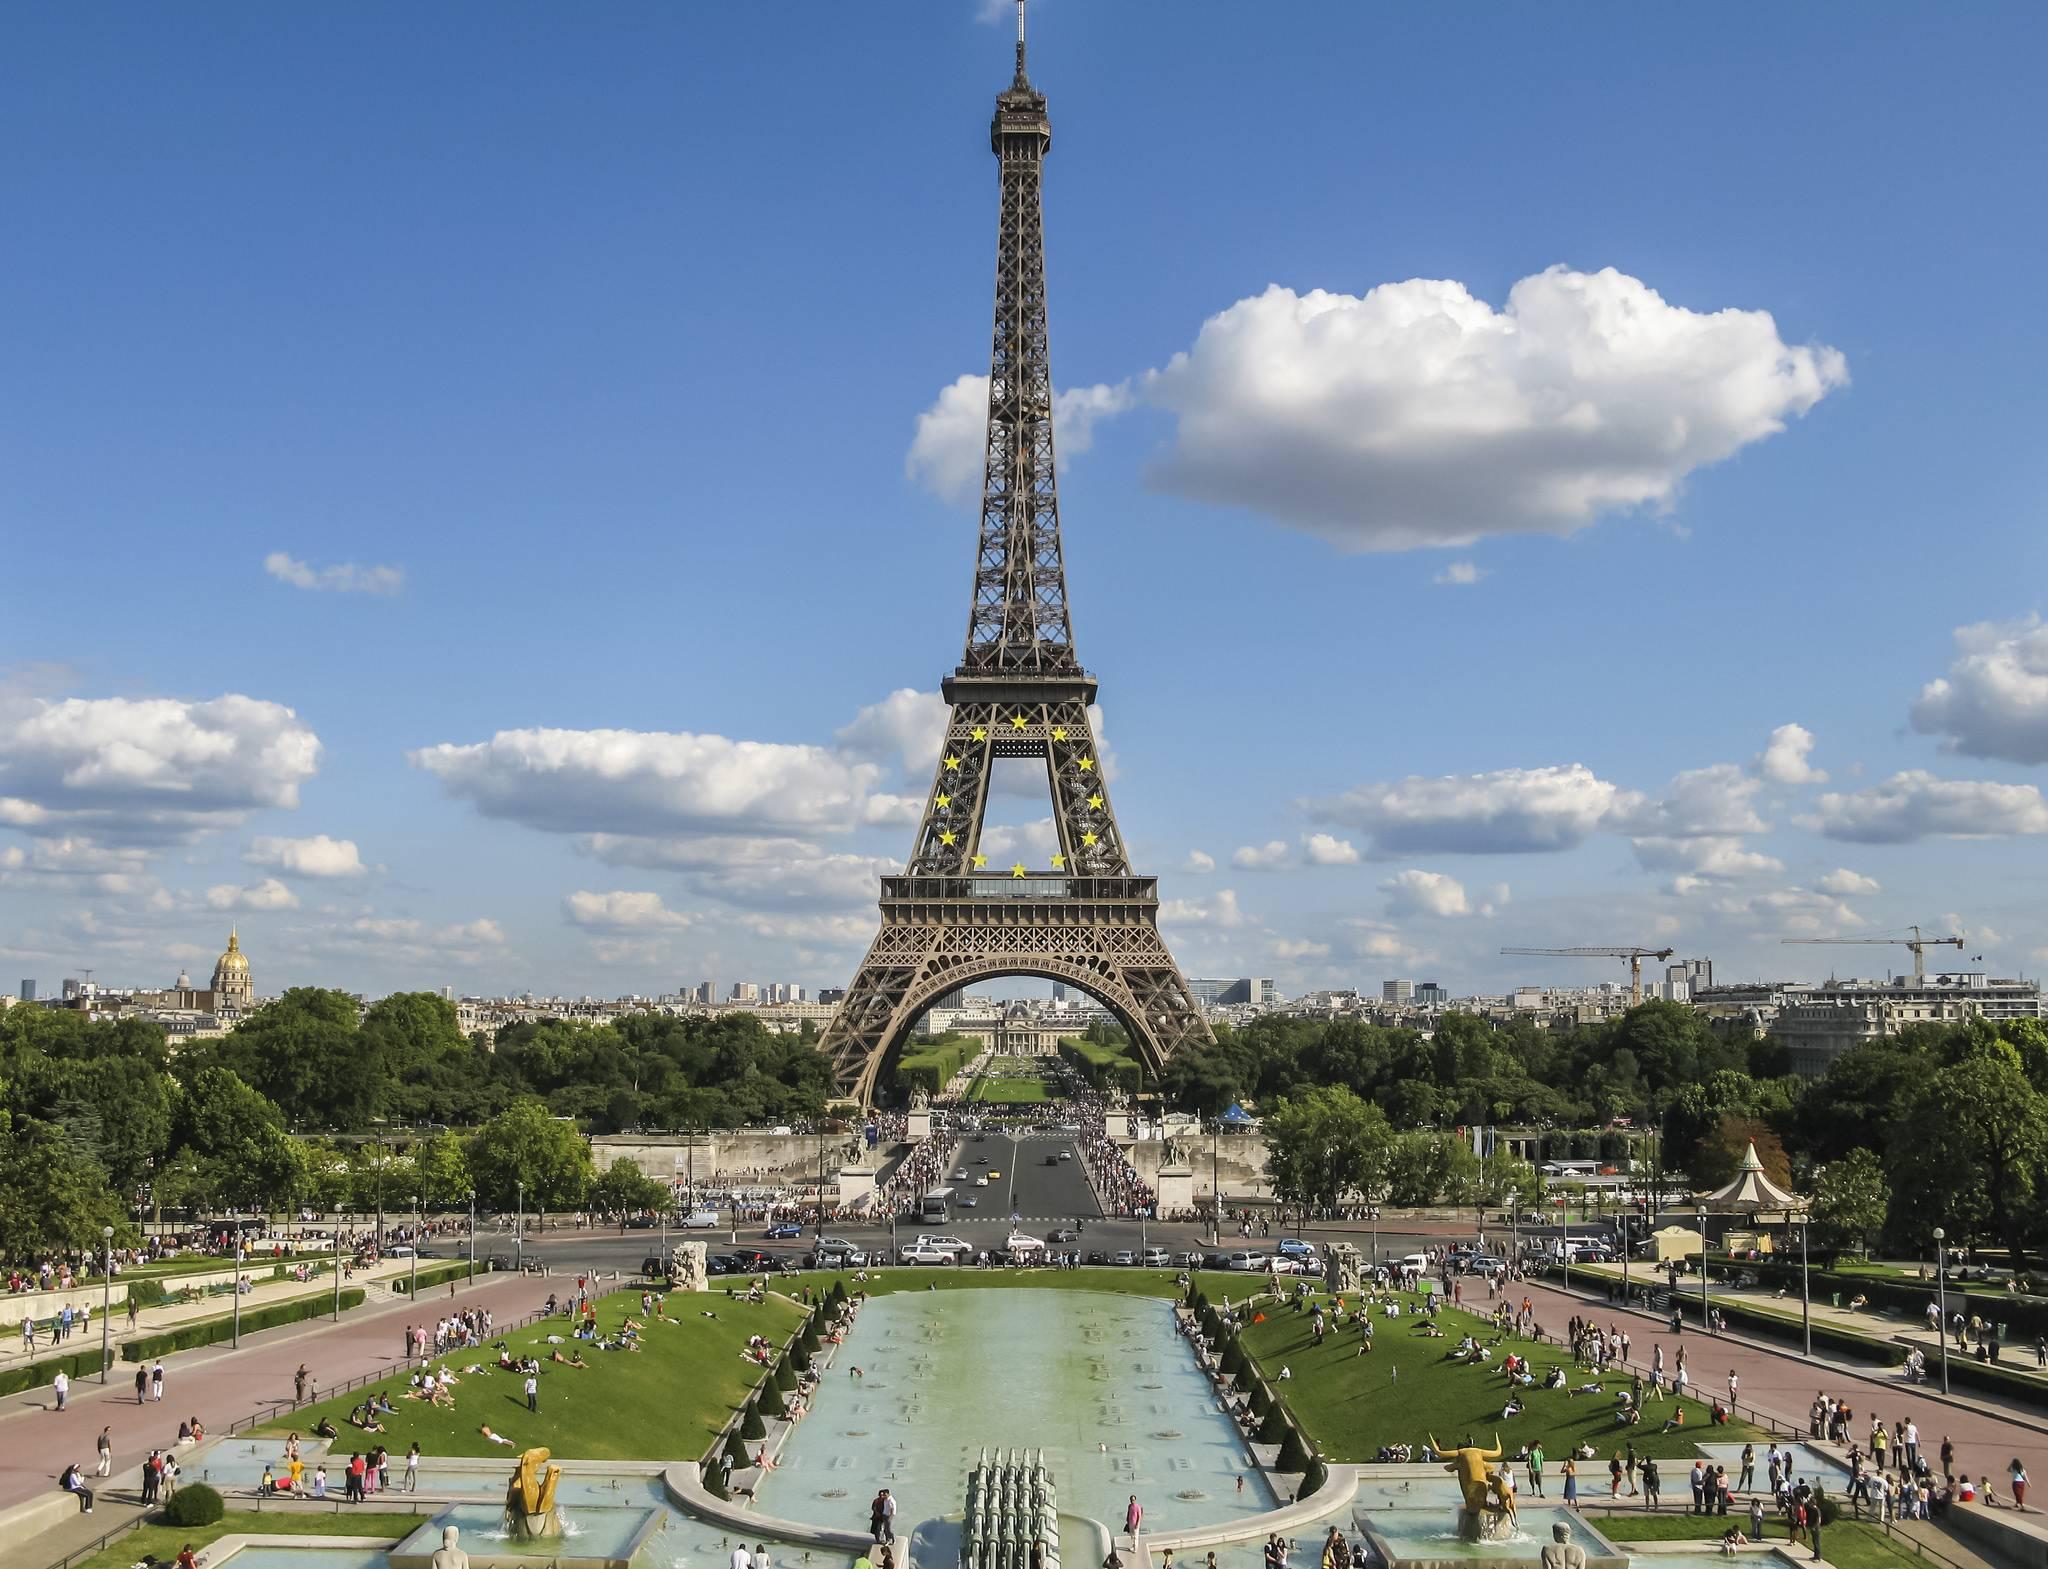 похороны покажи картинку эйфелевой башни когда-то давно остановился